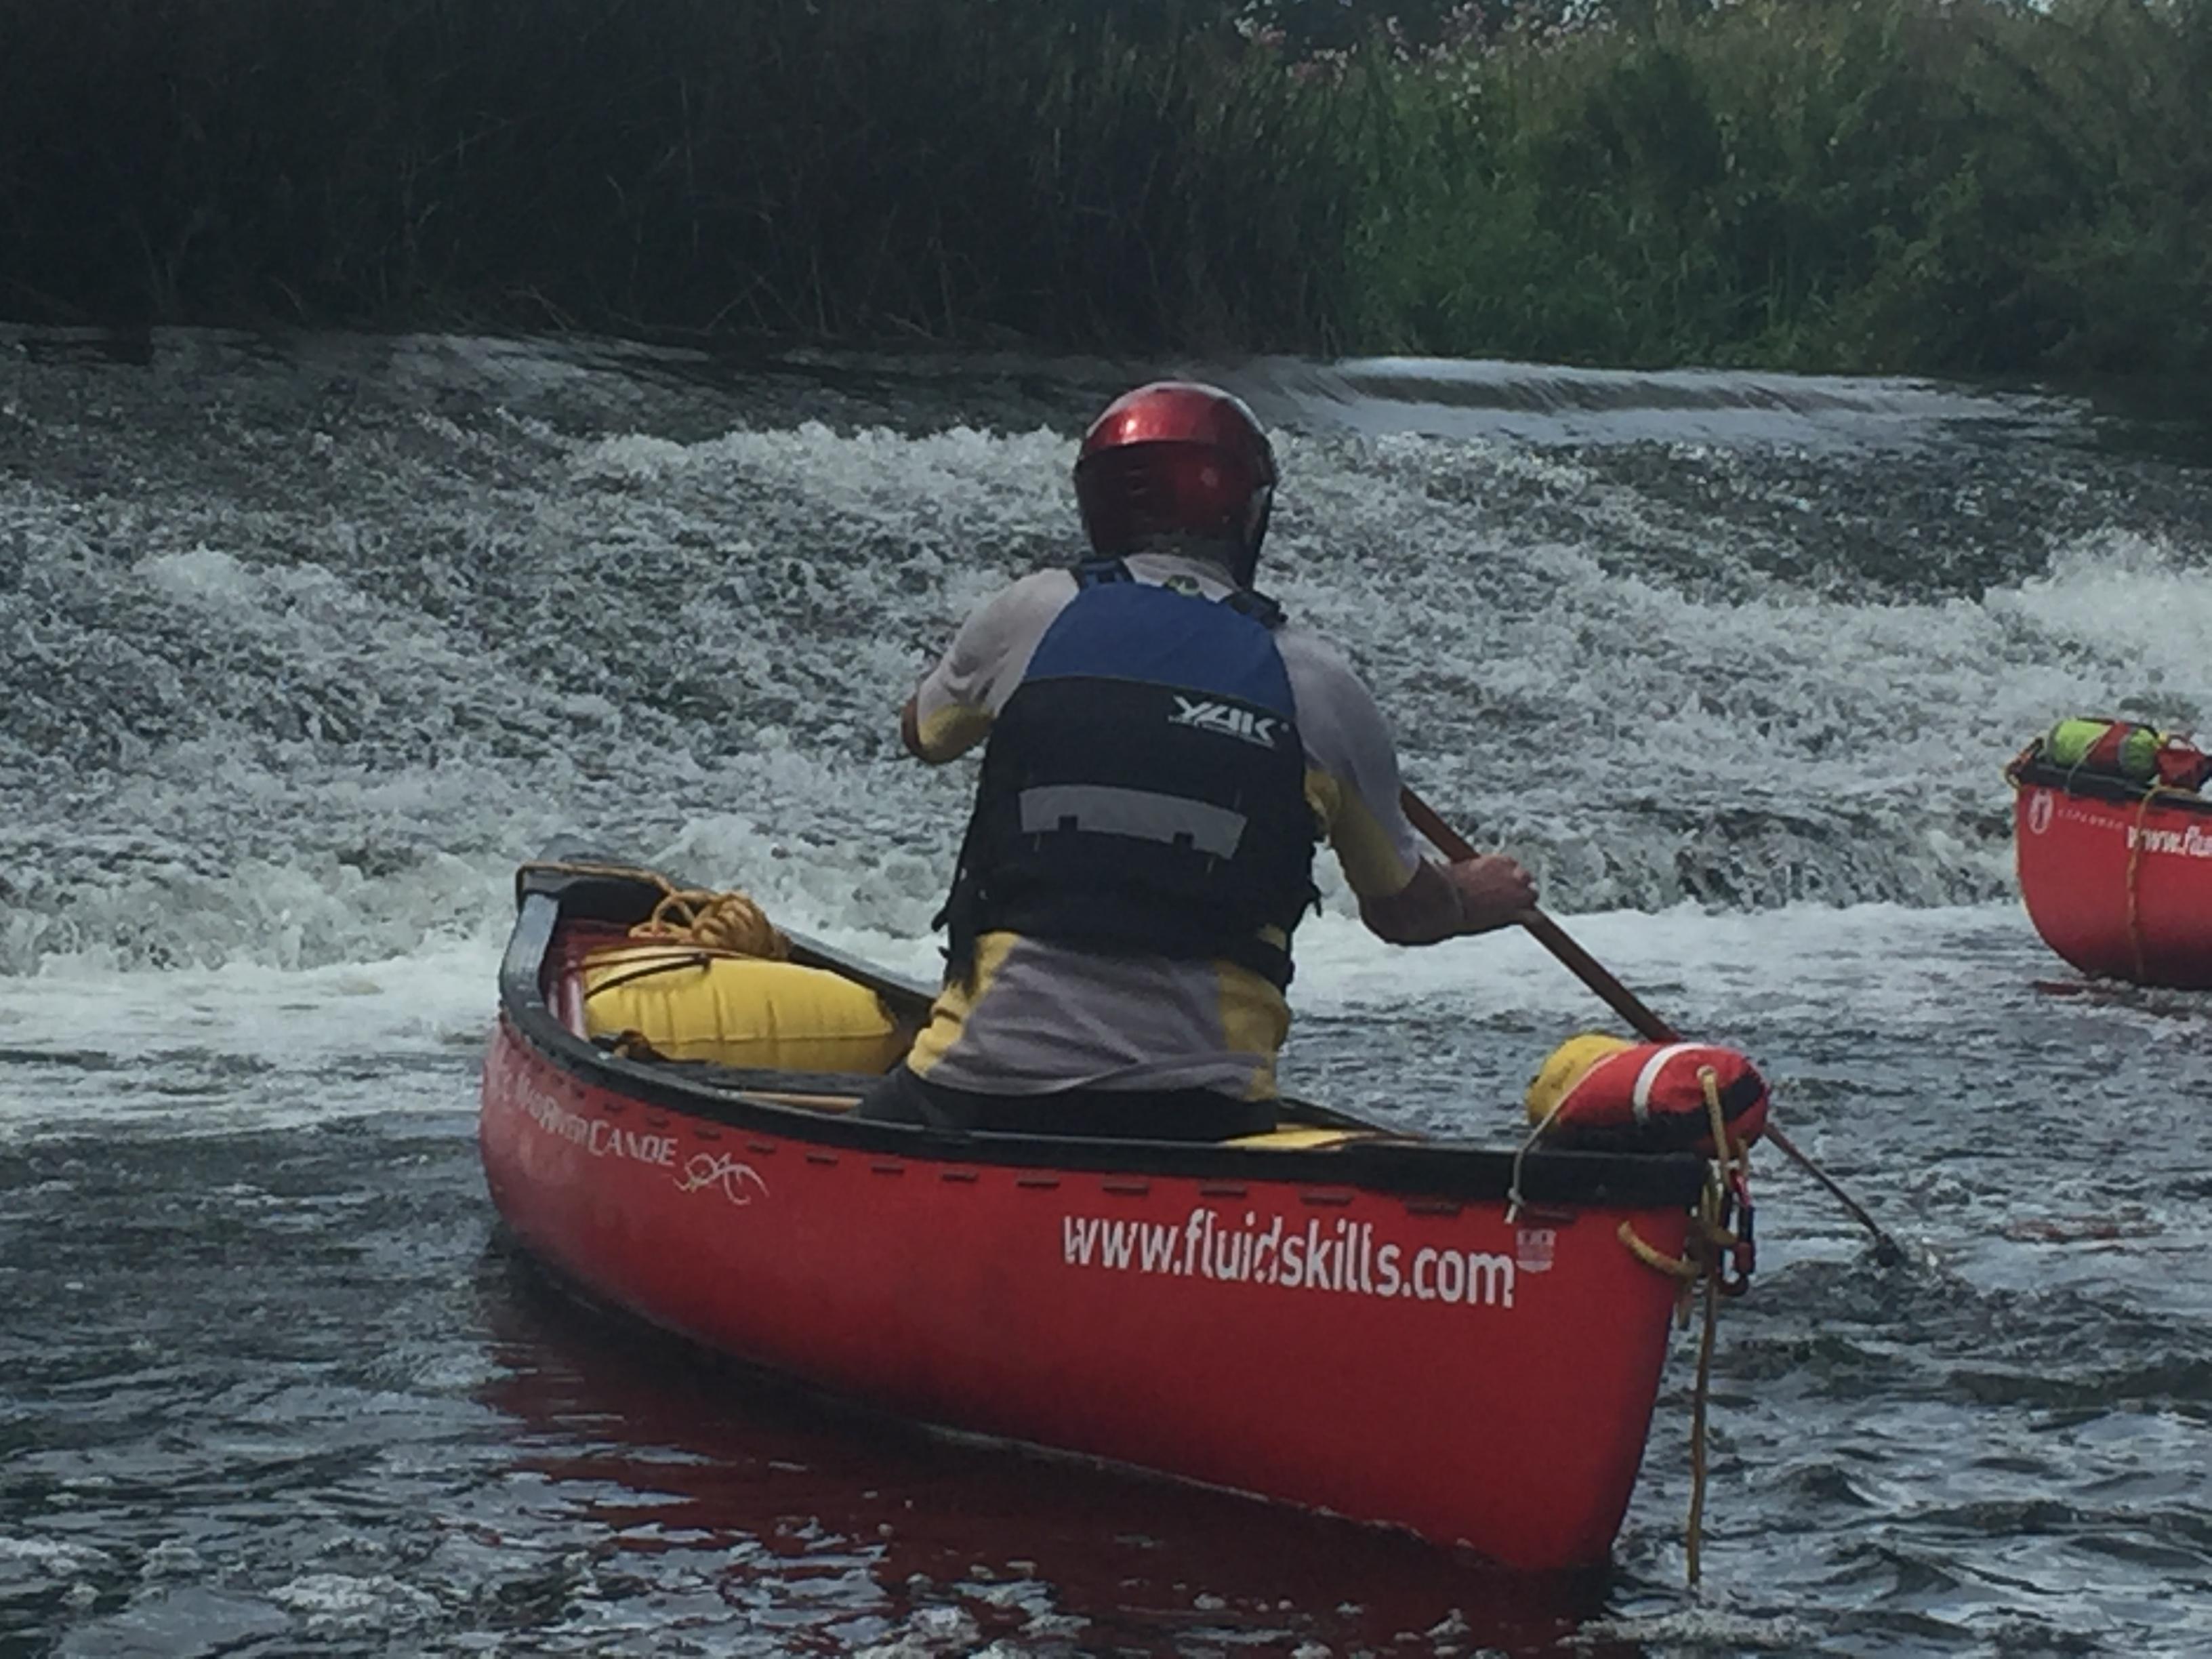 open canoe skills touring family canoeing